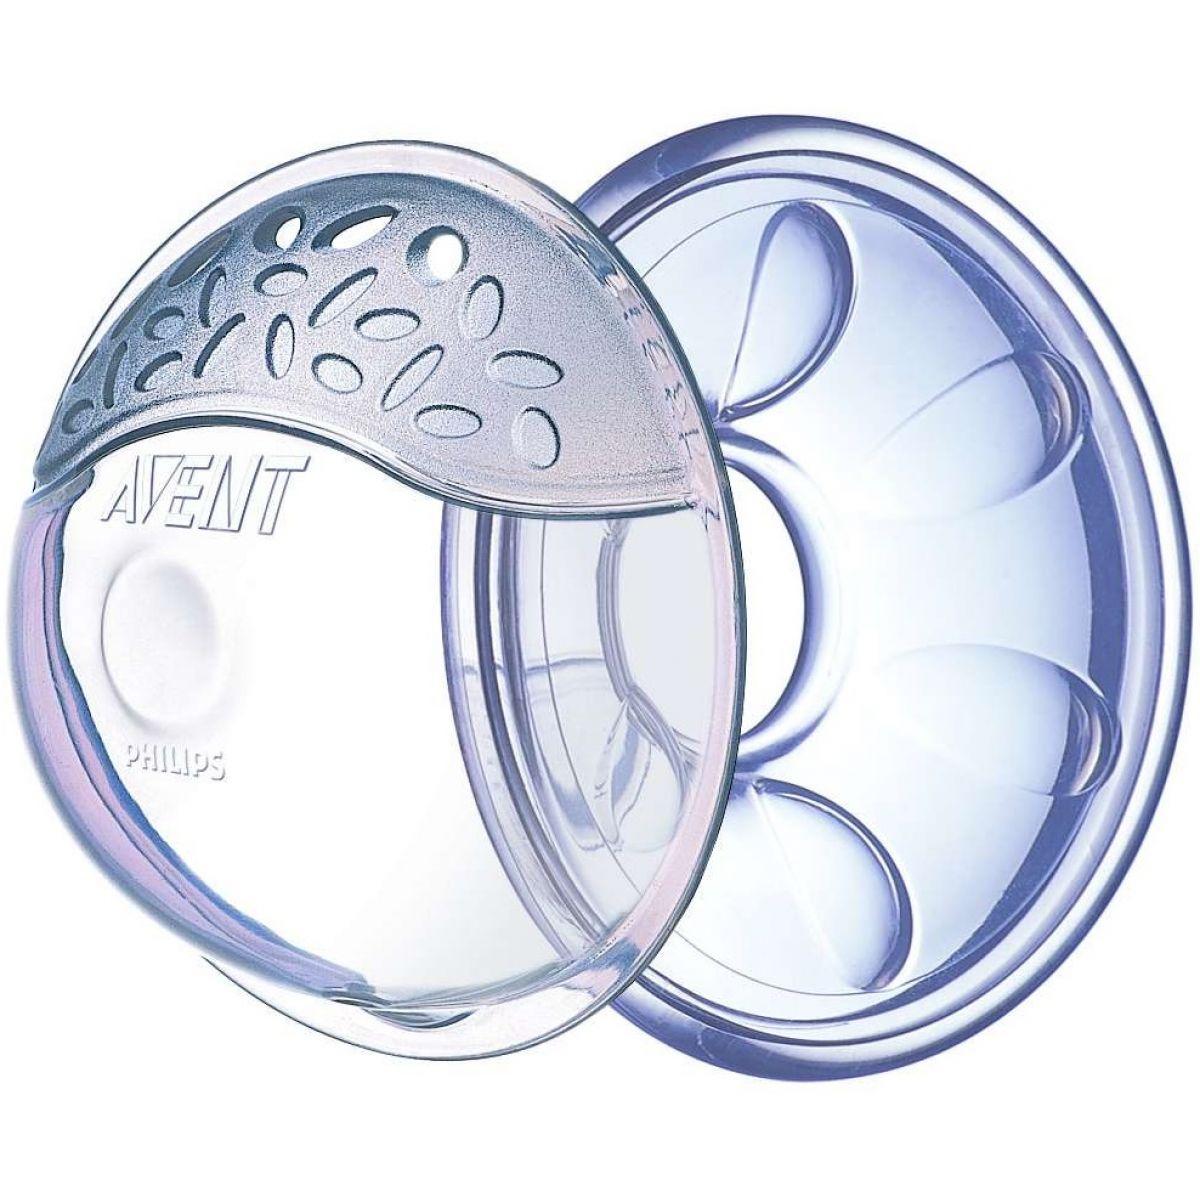 Philips Avent Zberače materského mlieka